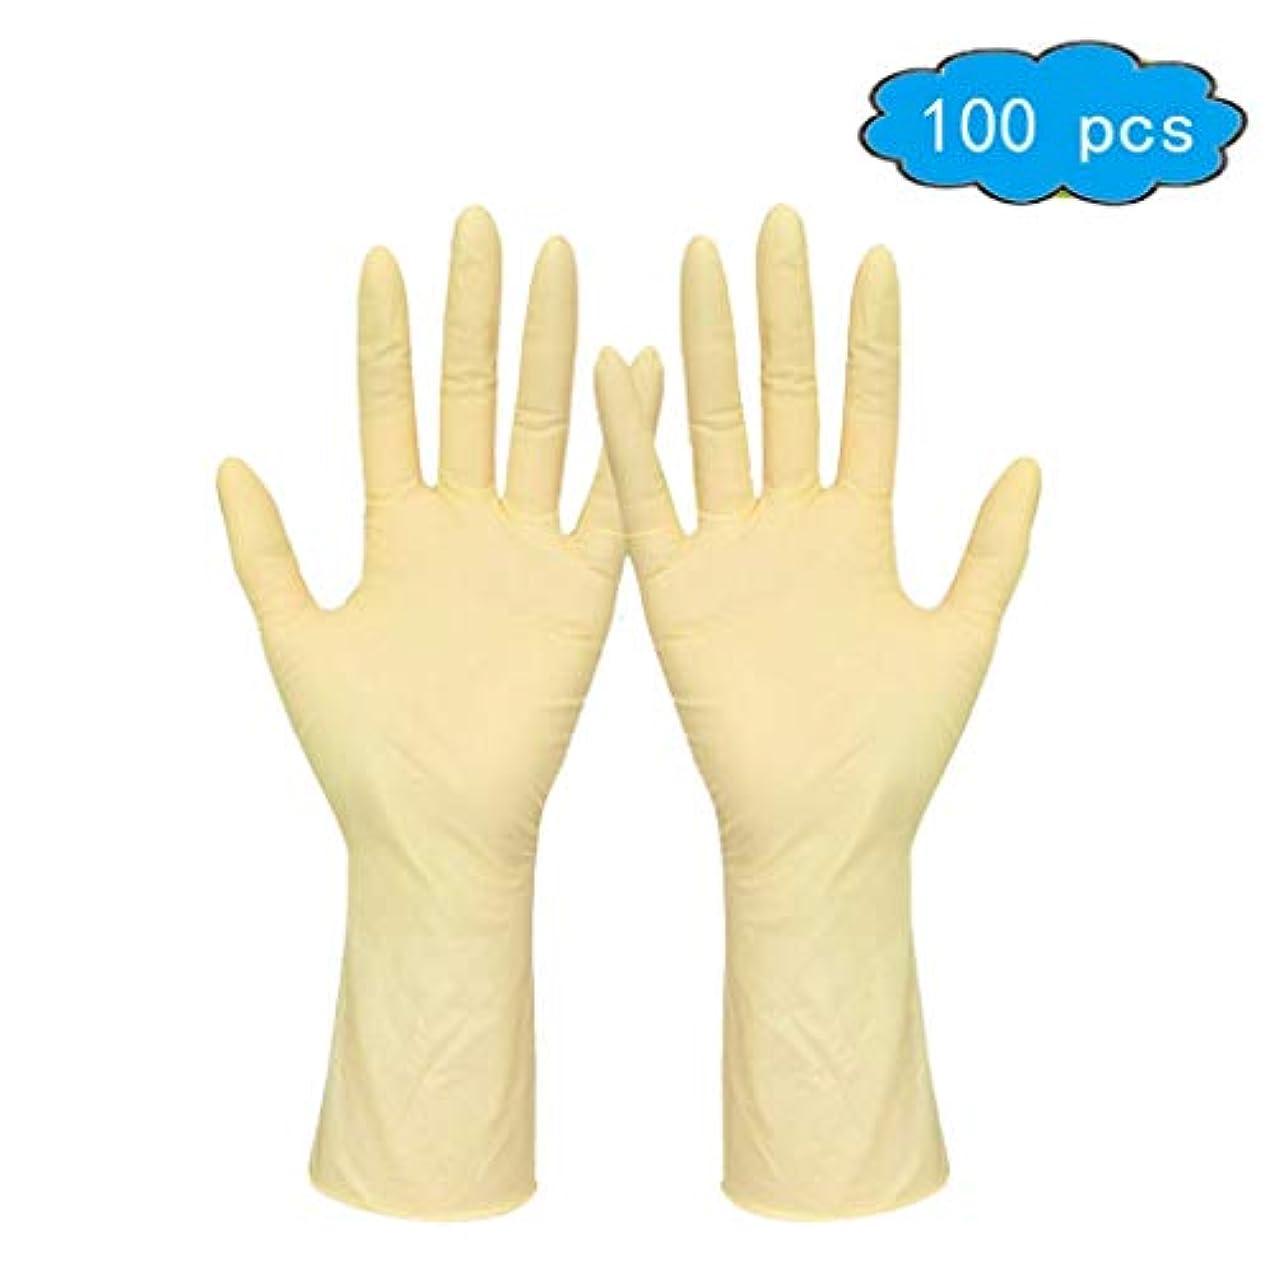 直感アパルルーフ精製チェックラテックス手袋 - パウダーフリー、100の非滅菌、大、ボックス (Color : Beige, Size : S)